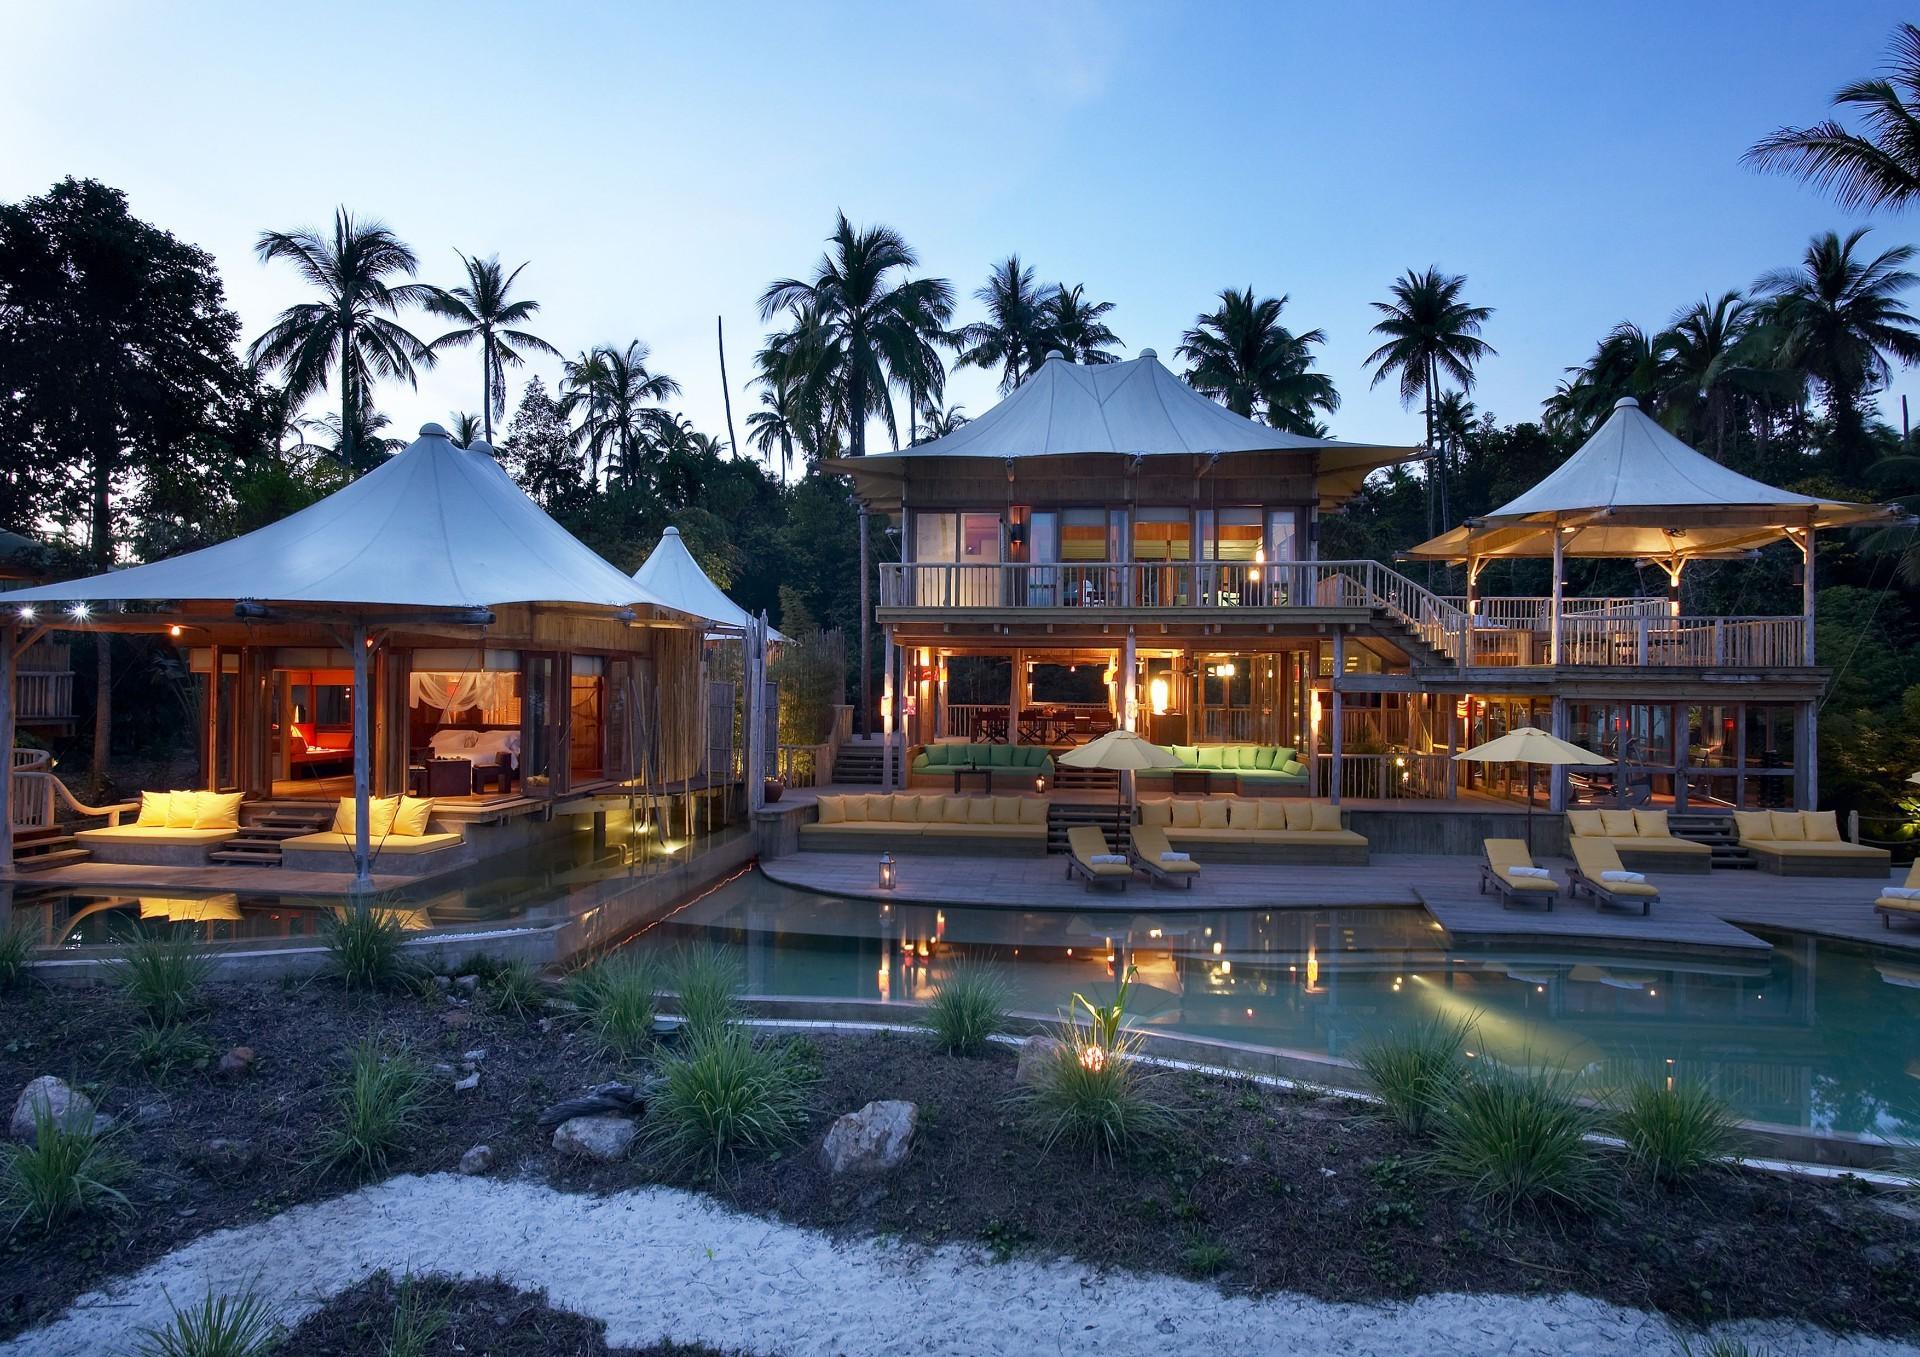 Картинки с домами на пляже